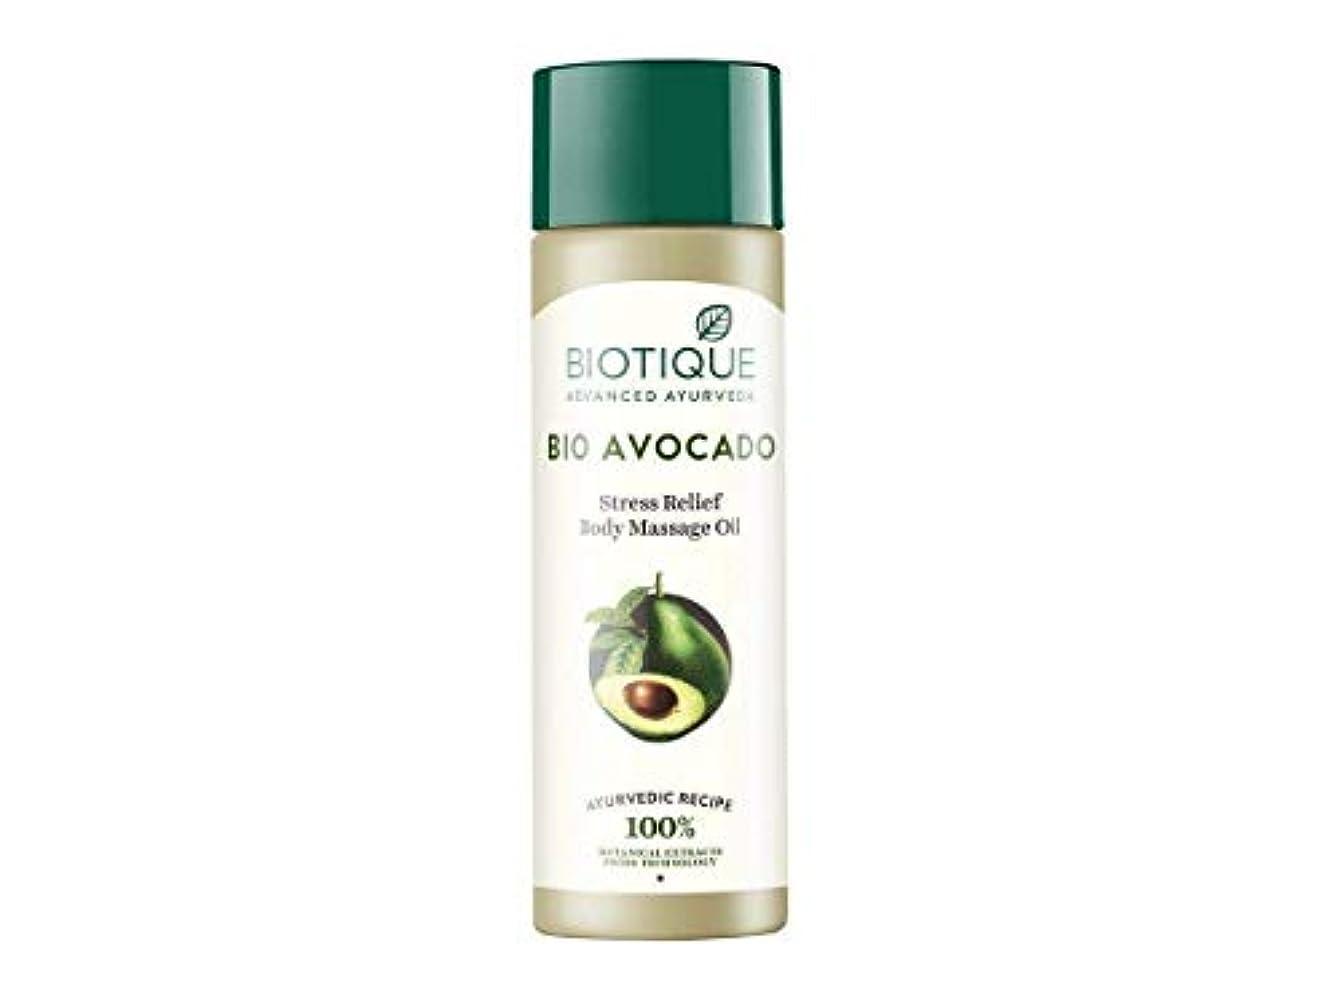 屋内でグリーンバックエレメンタルBiotique Bio Cado Avocado Stress Relief Body Massage Oil, 200ml Relaxing oil Biotique Bio Cadoアボカドストレスリリーフボディマッサージオイル...